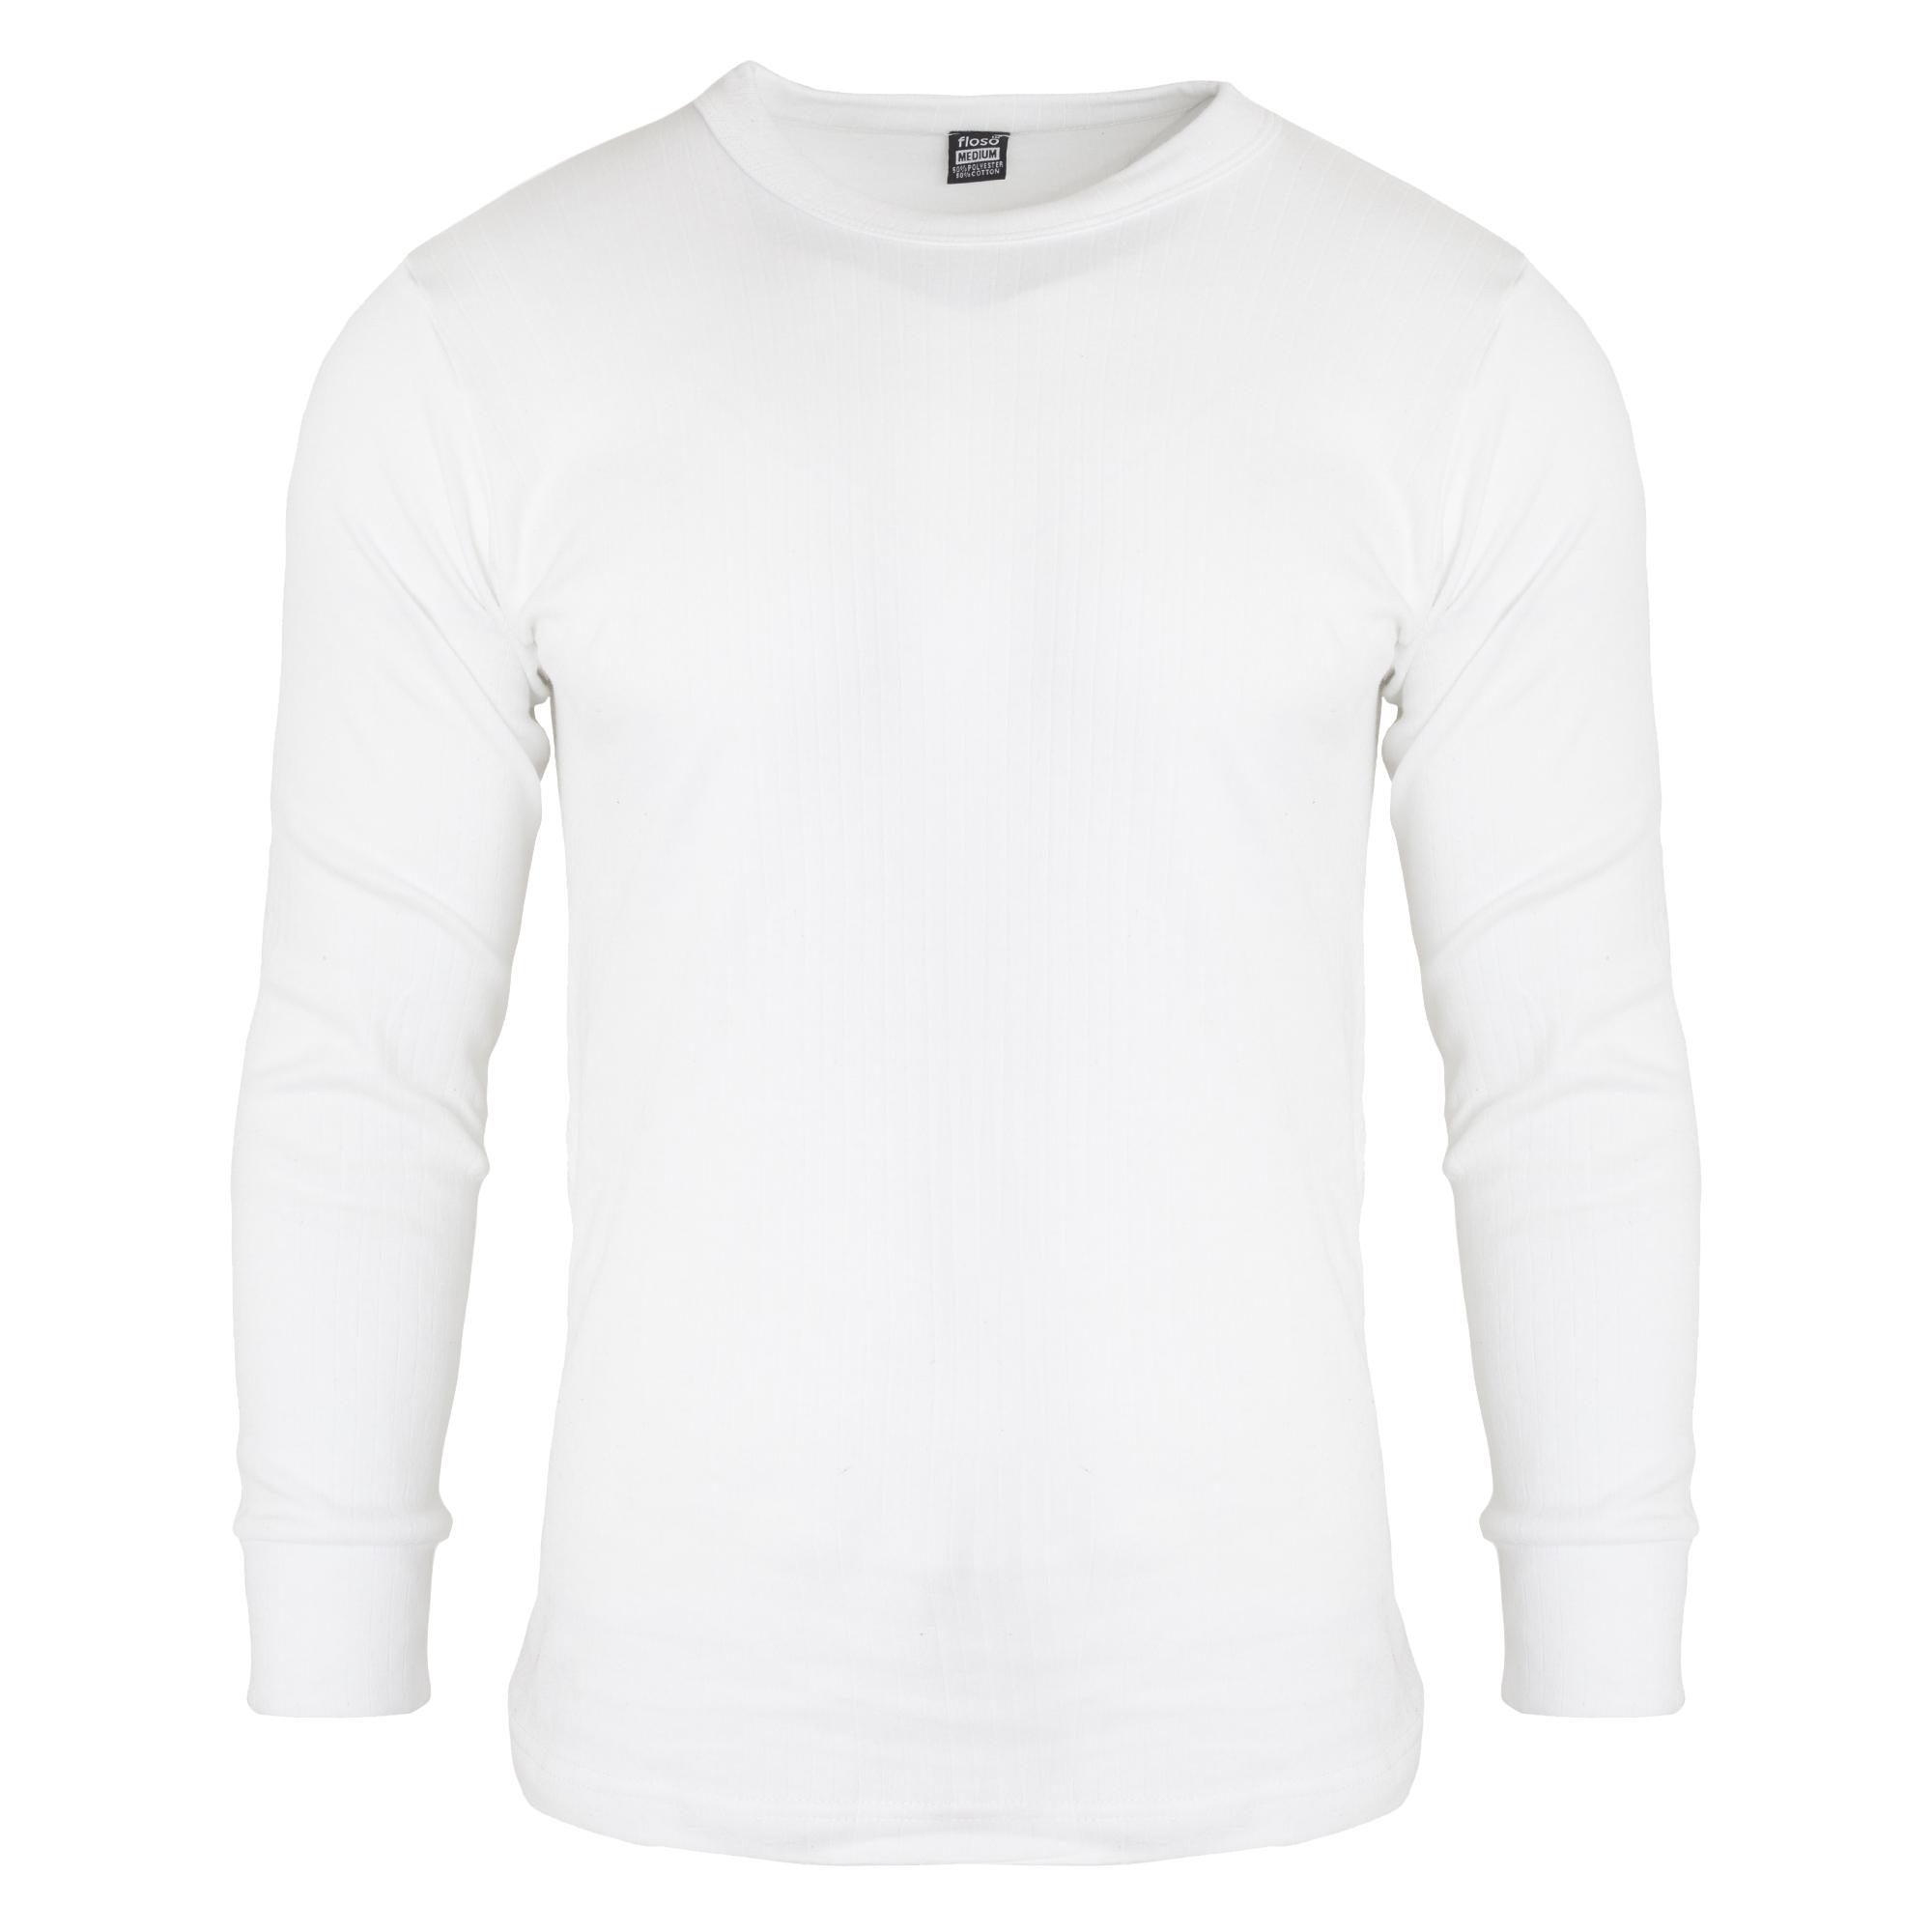 FLOSO-T-shirt-thermique-a-manches-longues-Homme-S-2XL-3-couleurs-THERM22 miniature 4